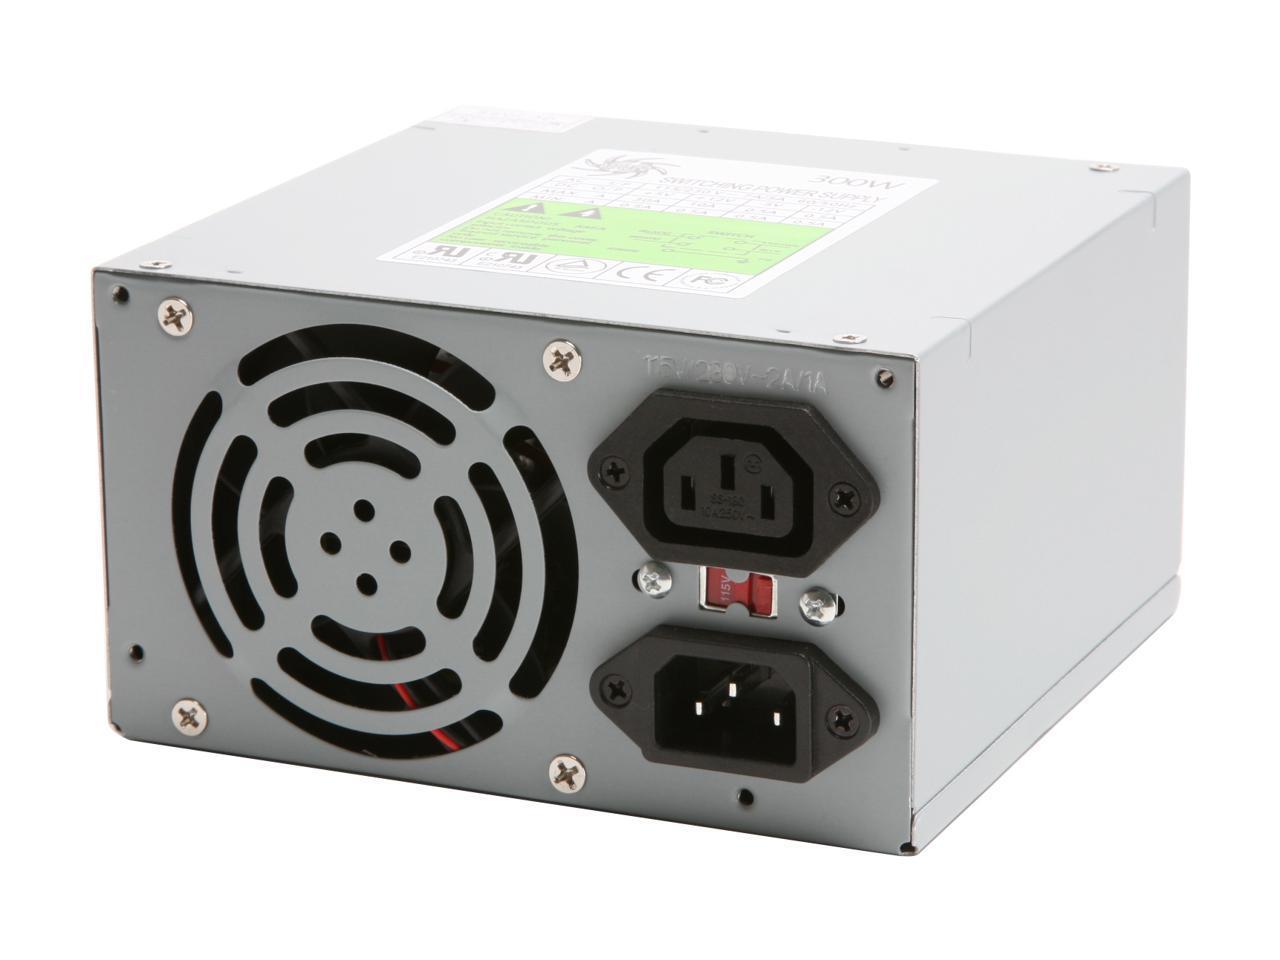 ATHENA AP-AT30 300W AT POWER SUPPLY Athena Computer Power AP-AT30 300W AT Power Supply Walmart.com